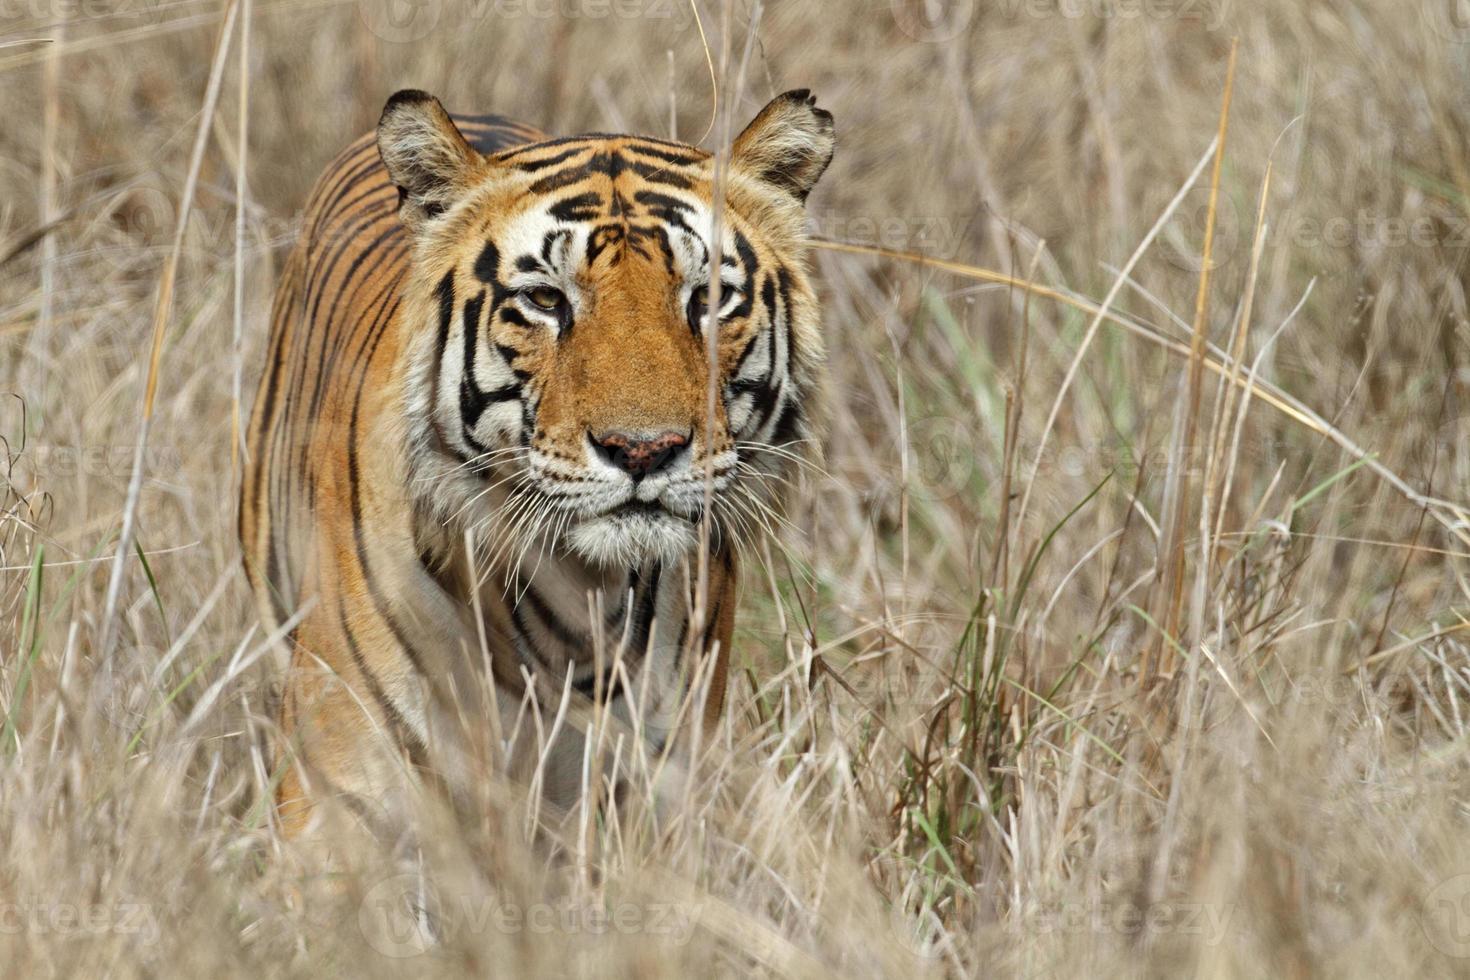 Tigre de Bengala salvaje macho escabullirse a través de la hierba, India foto